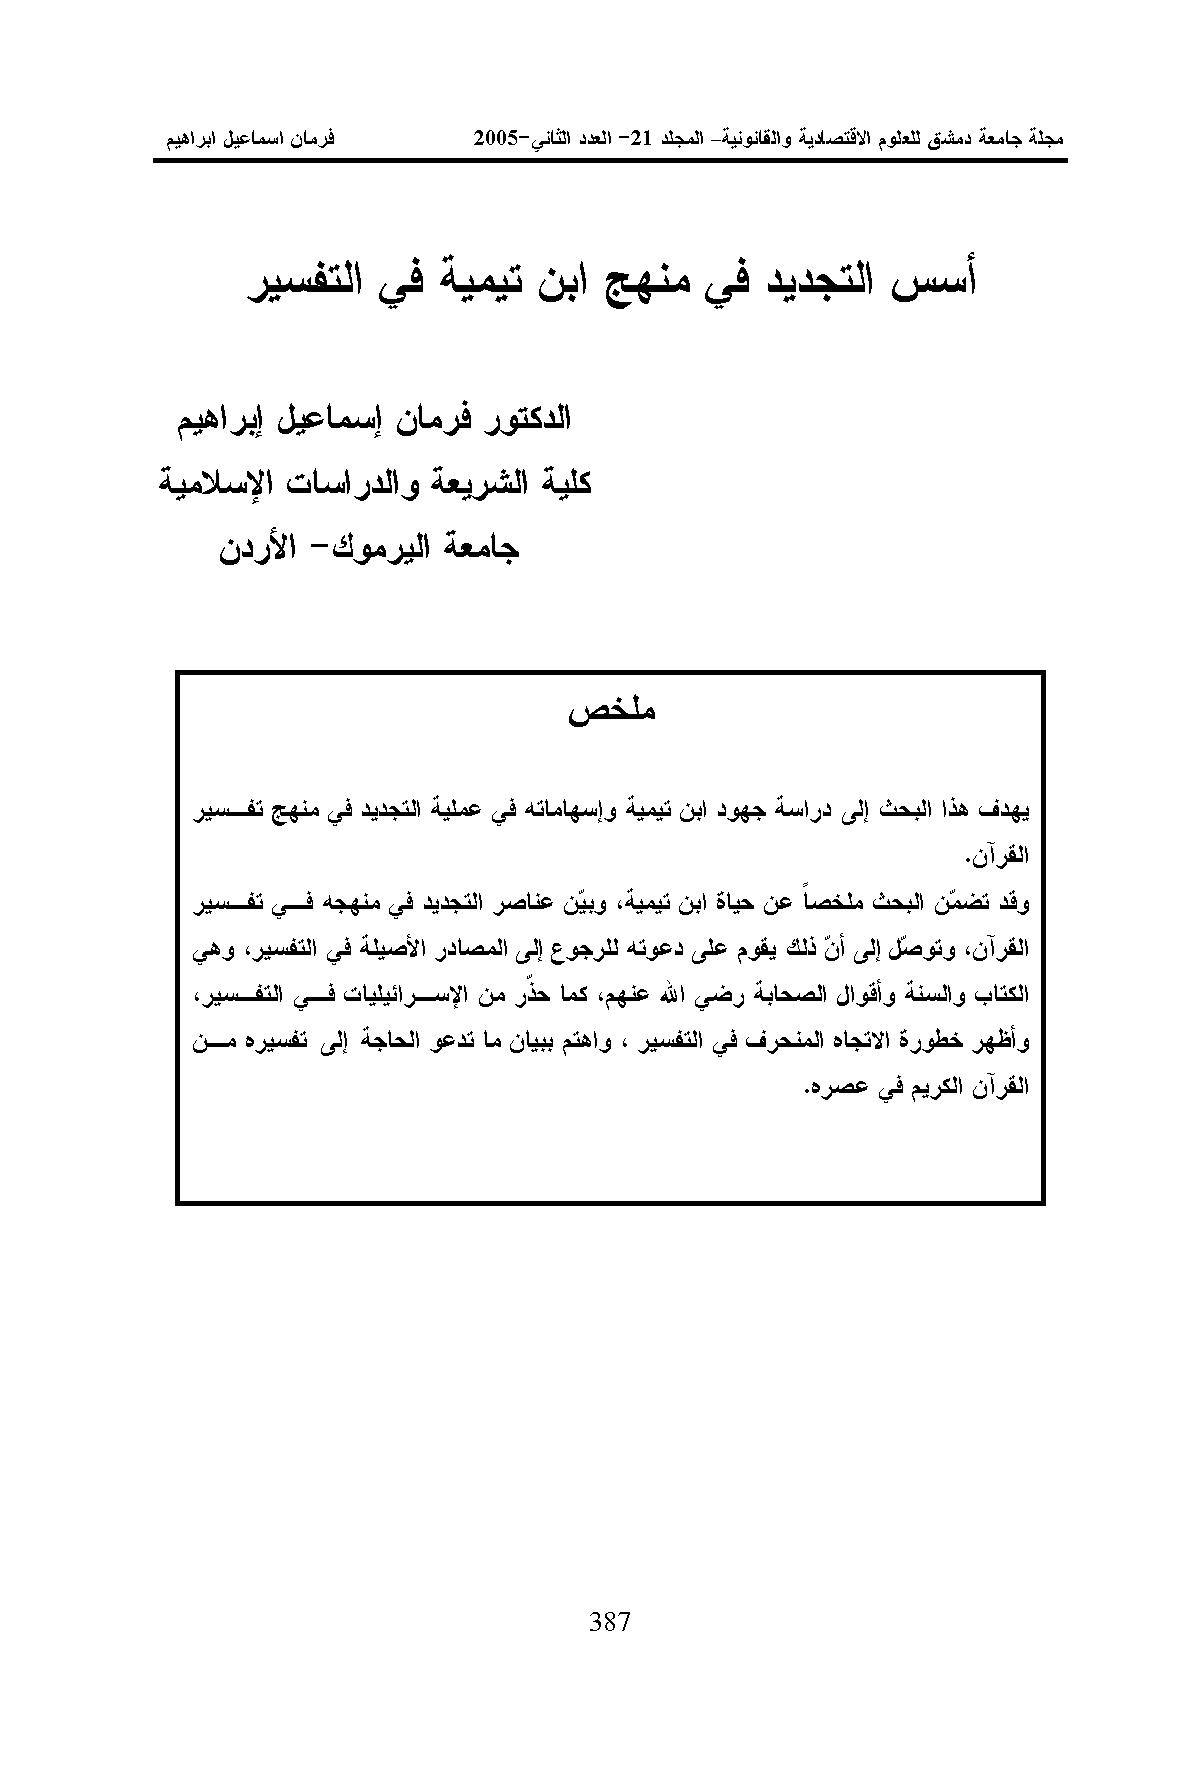 تحميل كتاب أسس التجديد في منهج ابن تيمية في التفسير لـِ: الدكتور فرمان إسماعيل إبراهيم حمد الدليمي